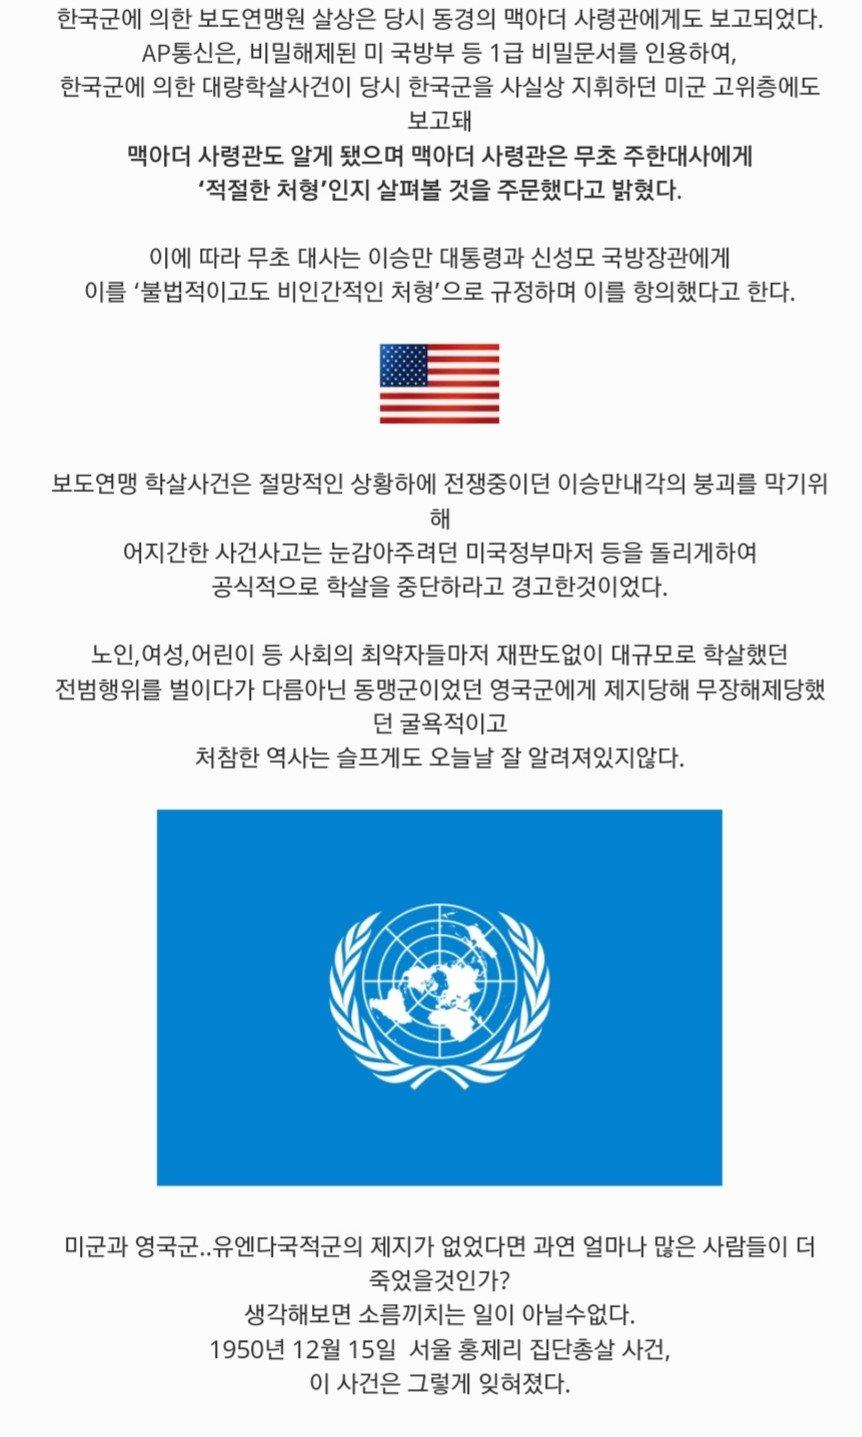 20181001_012238.jpg 한국전쟁 당시 영국군에 의해 밝혀진 학살 사건.jpg